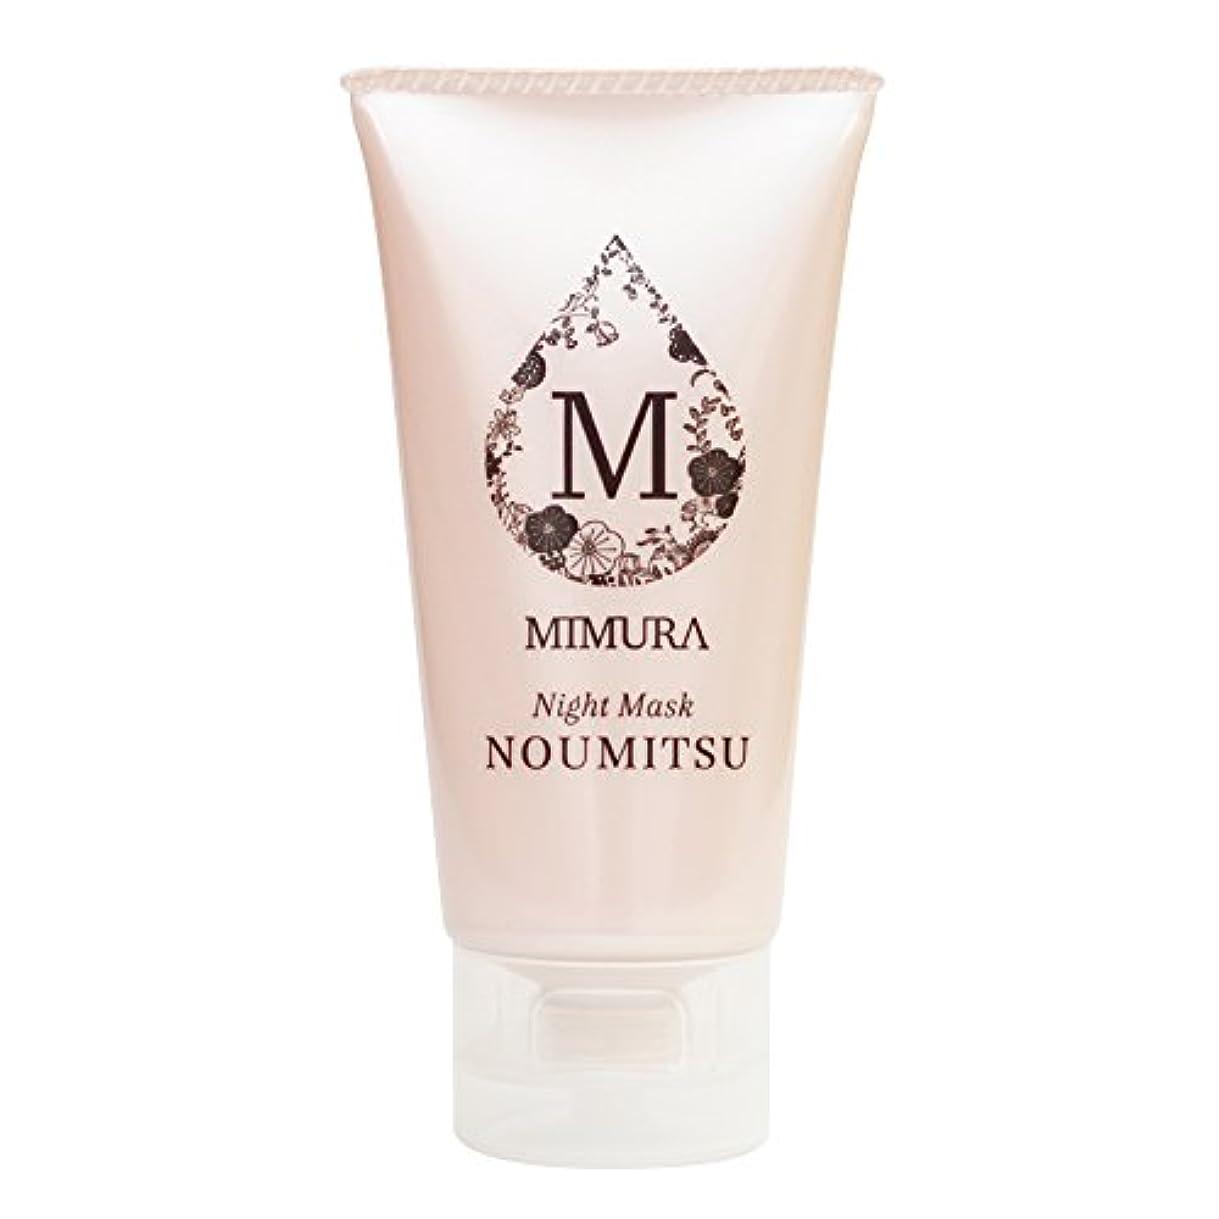 おもしろい敏感なプレビスサイトナイトケアクリーム 保湿 顔 用 ミムラ ナイトマスク NOUMITSU 48g MIMURA 乾燥肌 日本製